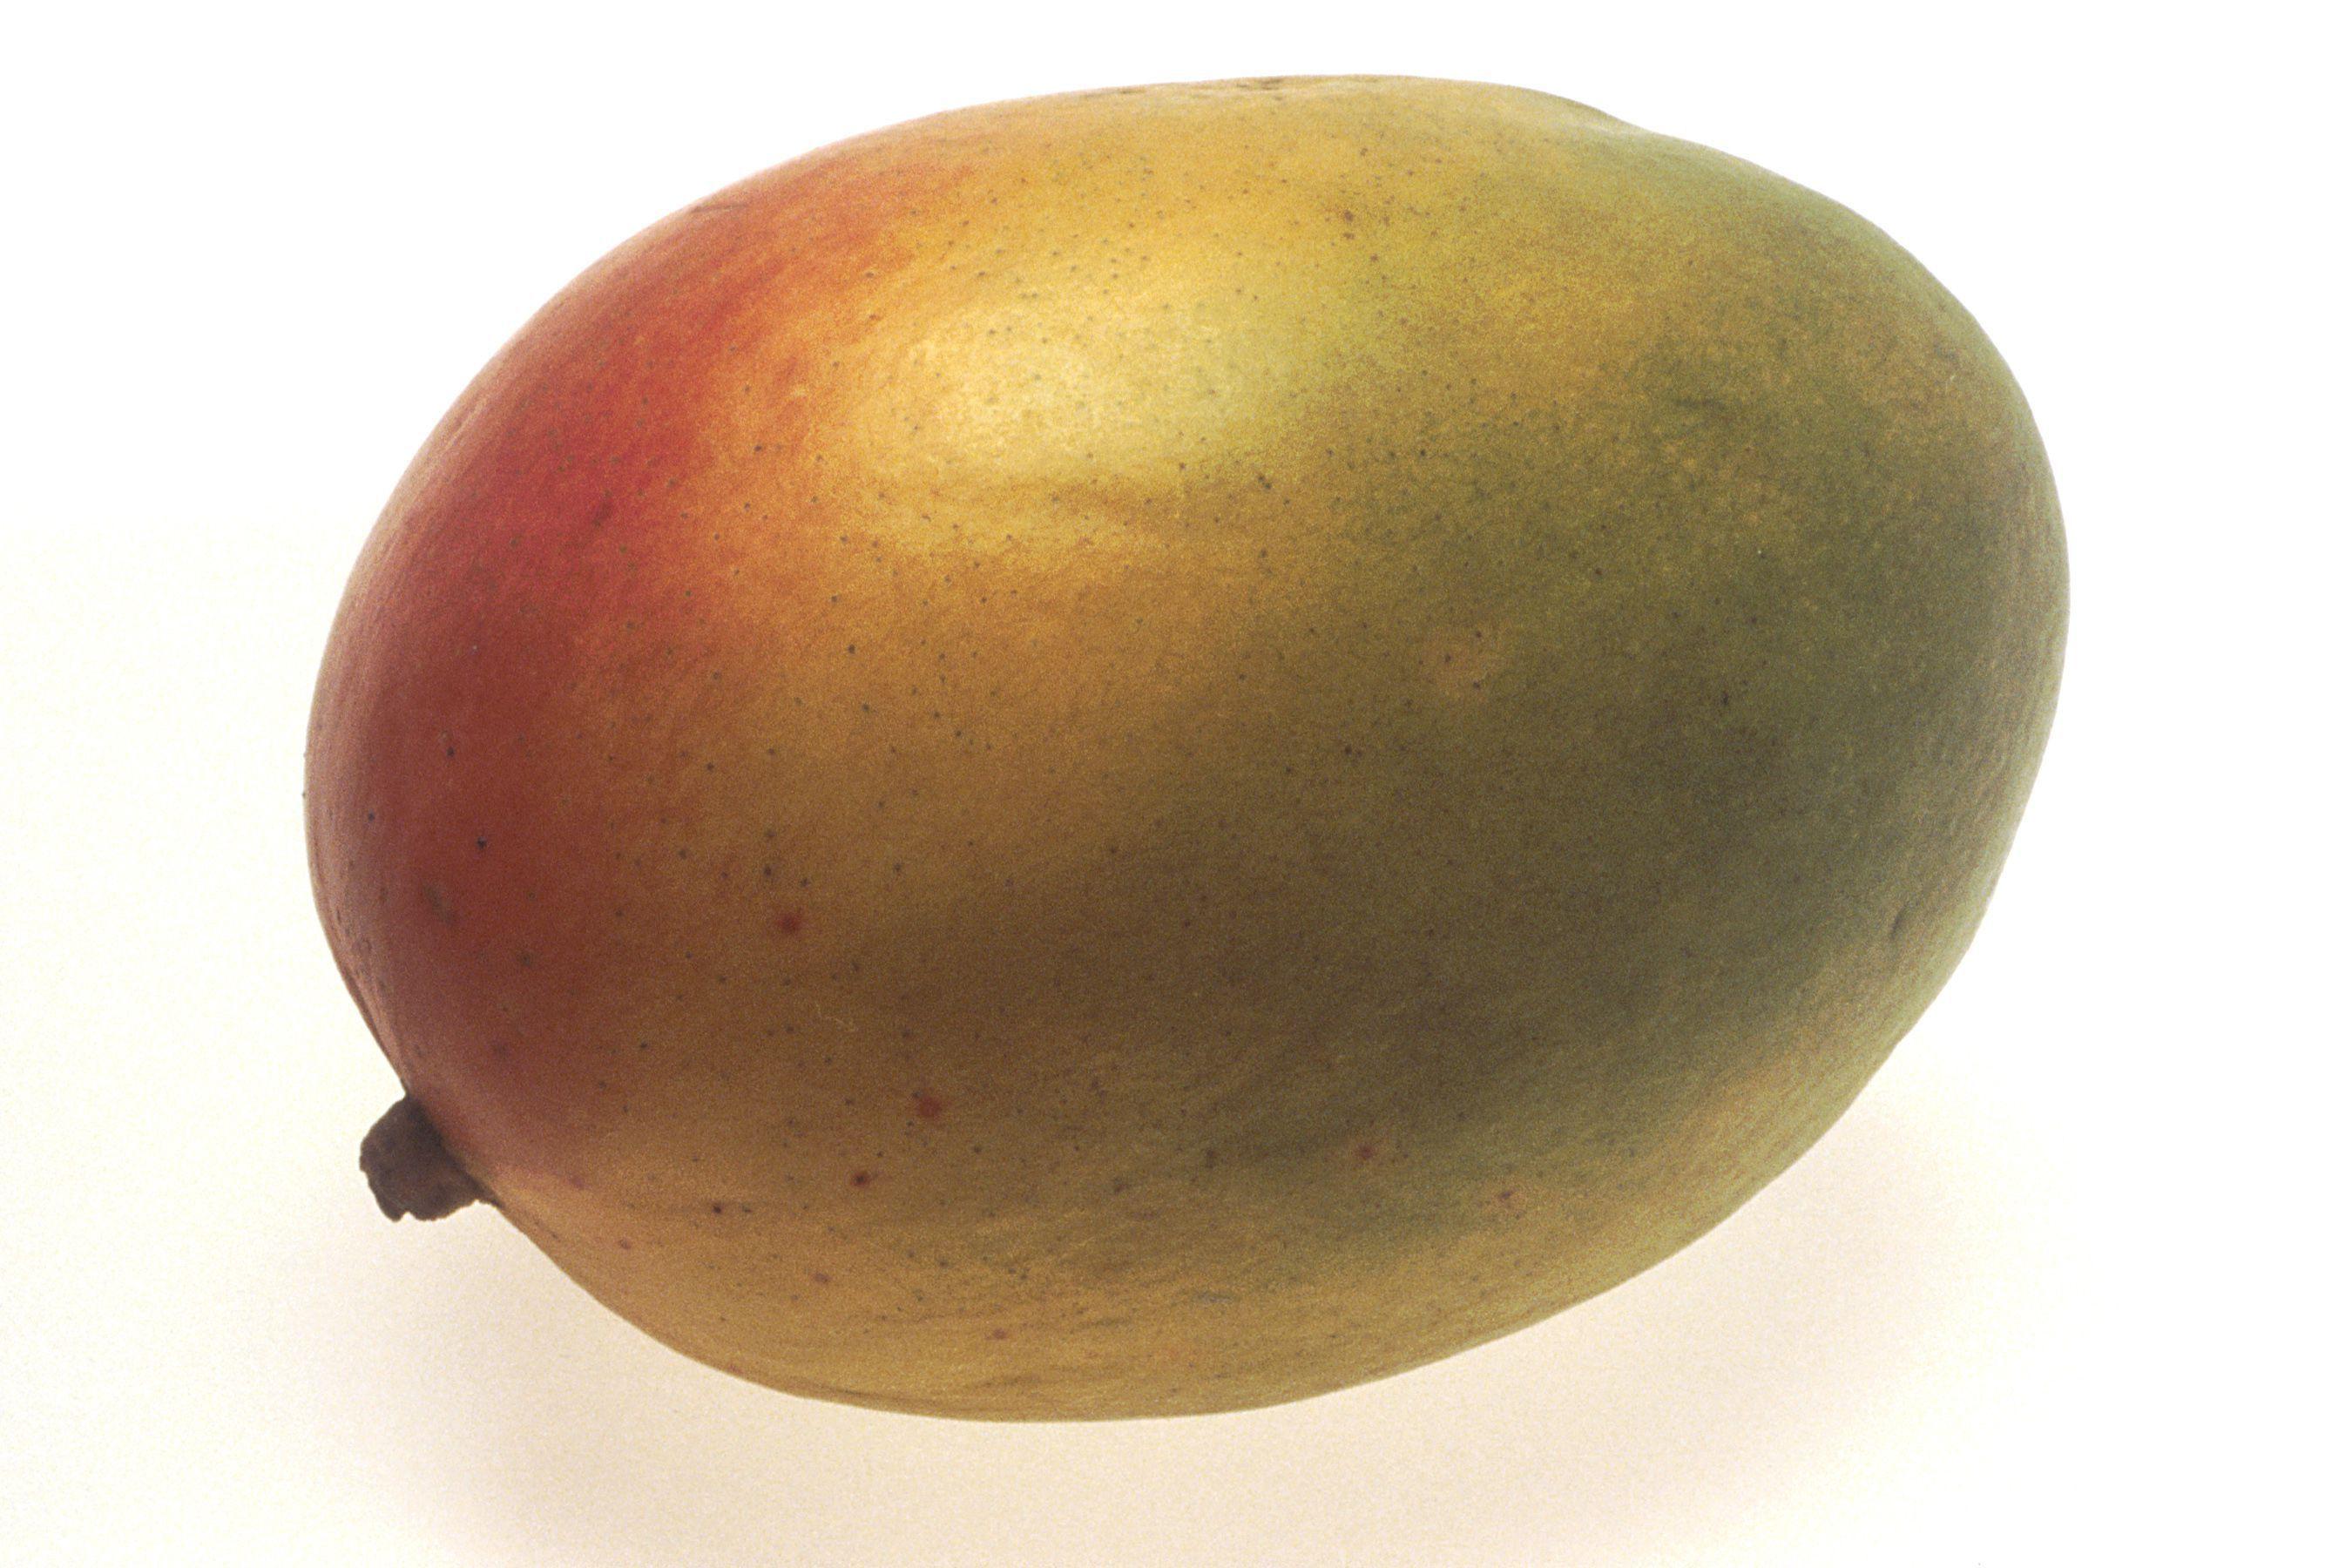 Mango Background